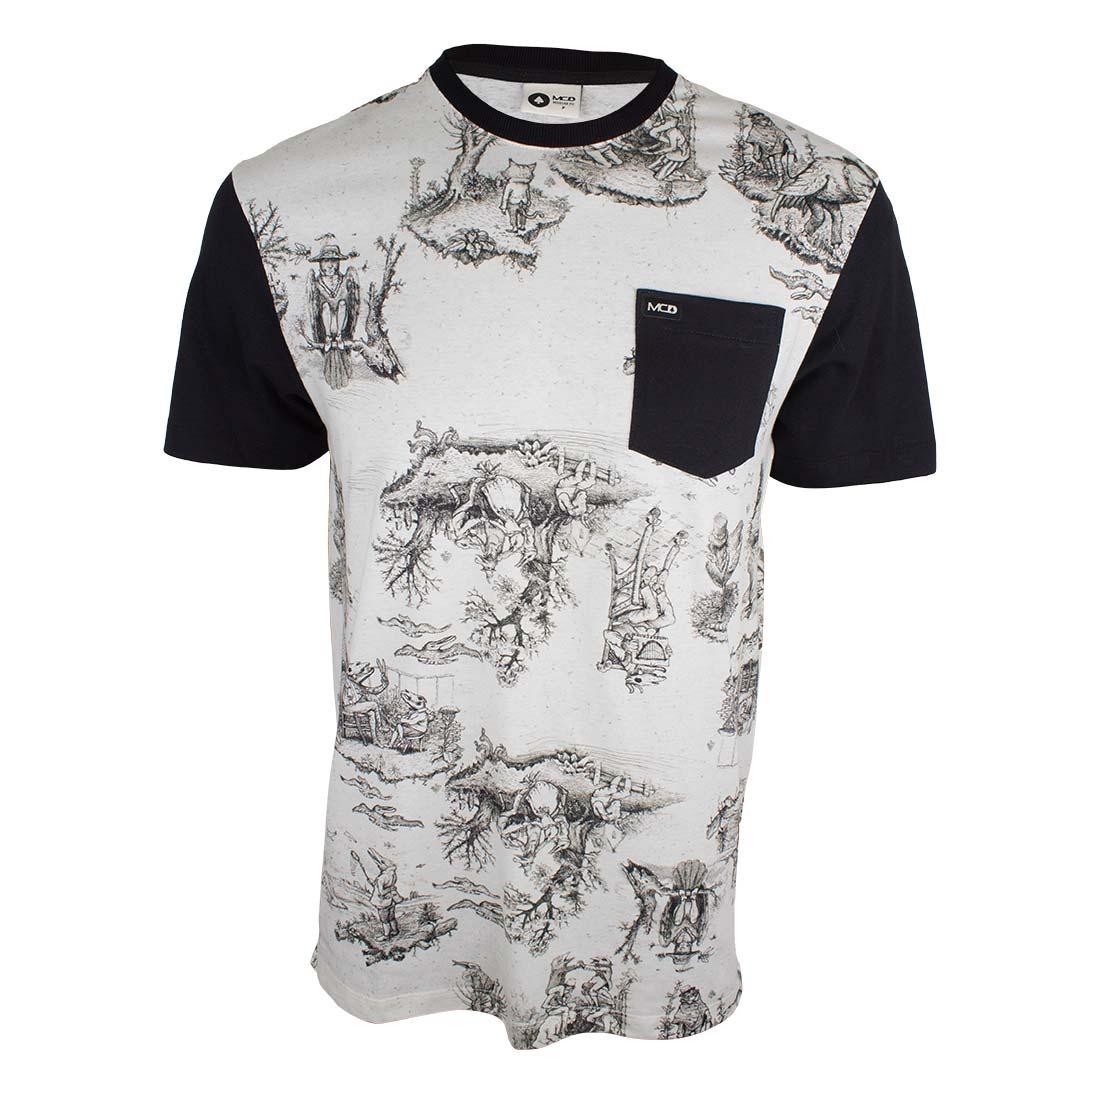 camiseta mcd especial toilet bizarre - creme. Carregando zoom. 2e8b2c6e080